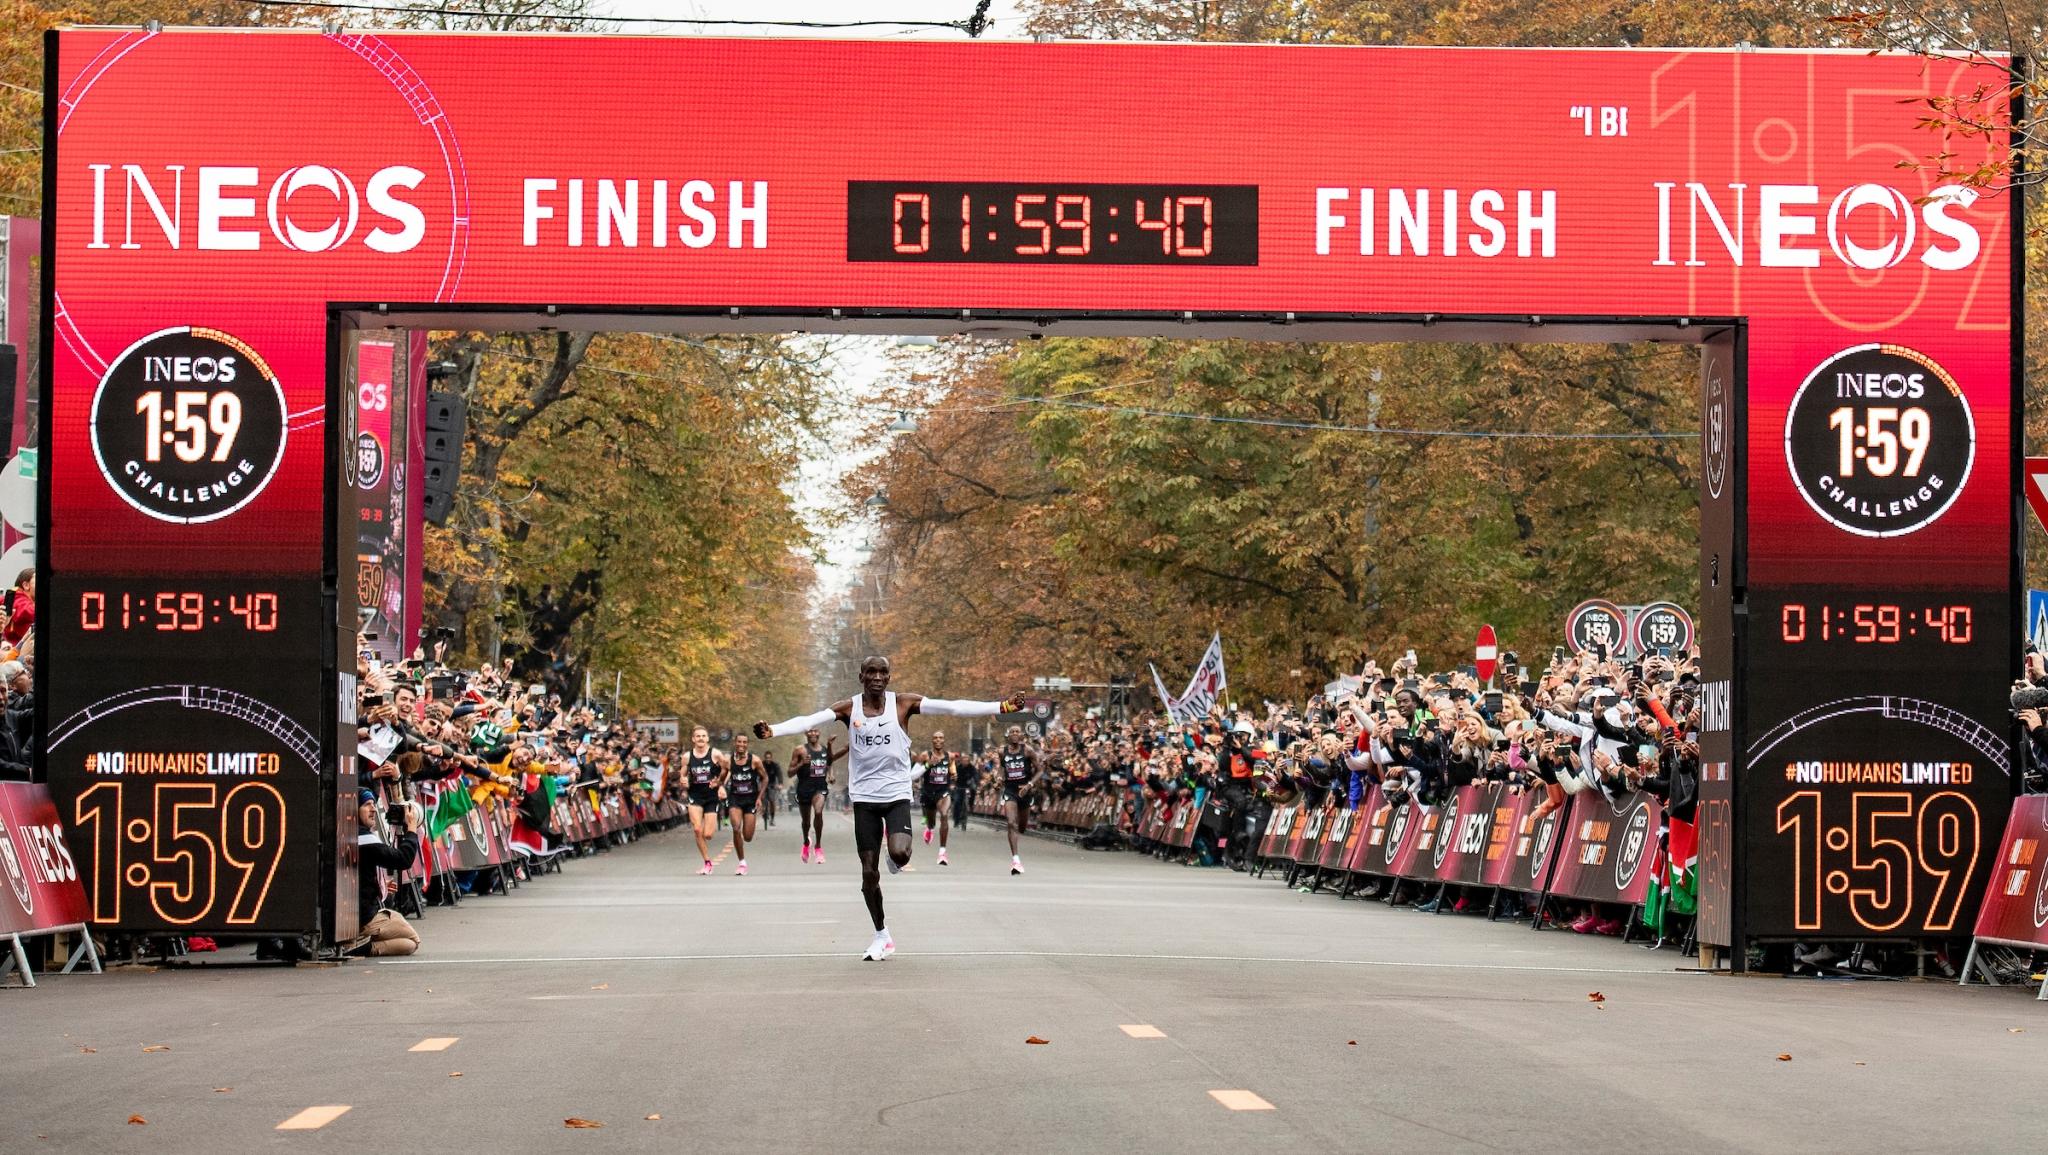 einen laufen Wie Stunden unter will Kipchoge Marathon Eliud zwei 3c4Aqj5RLS